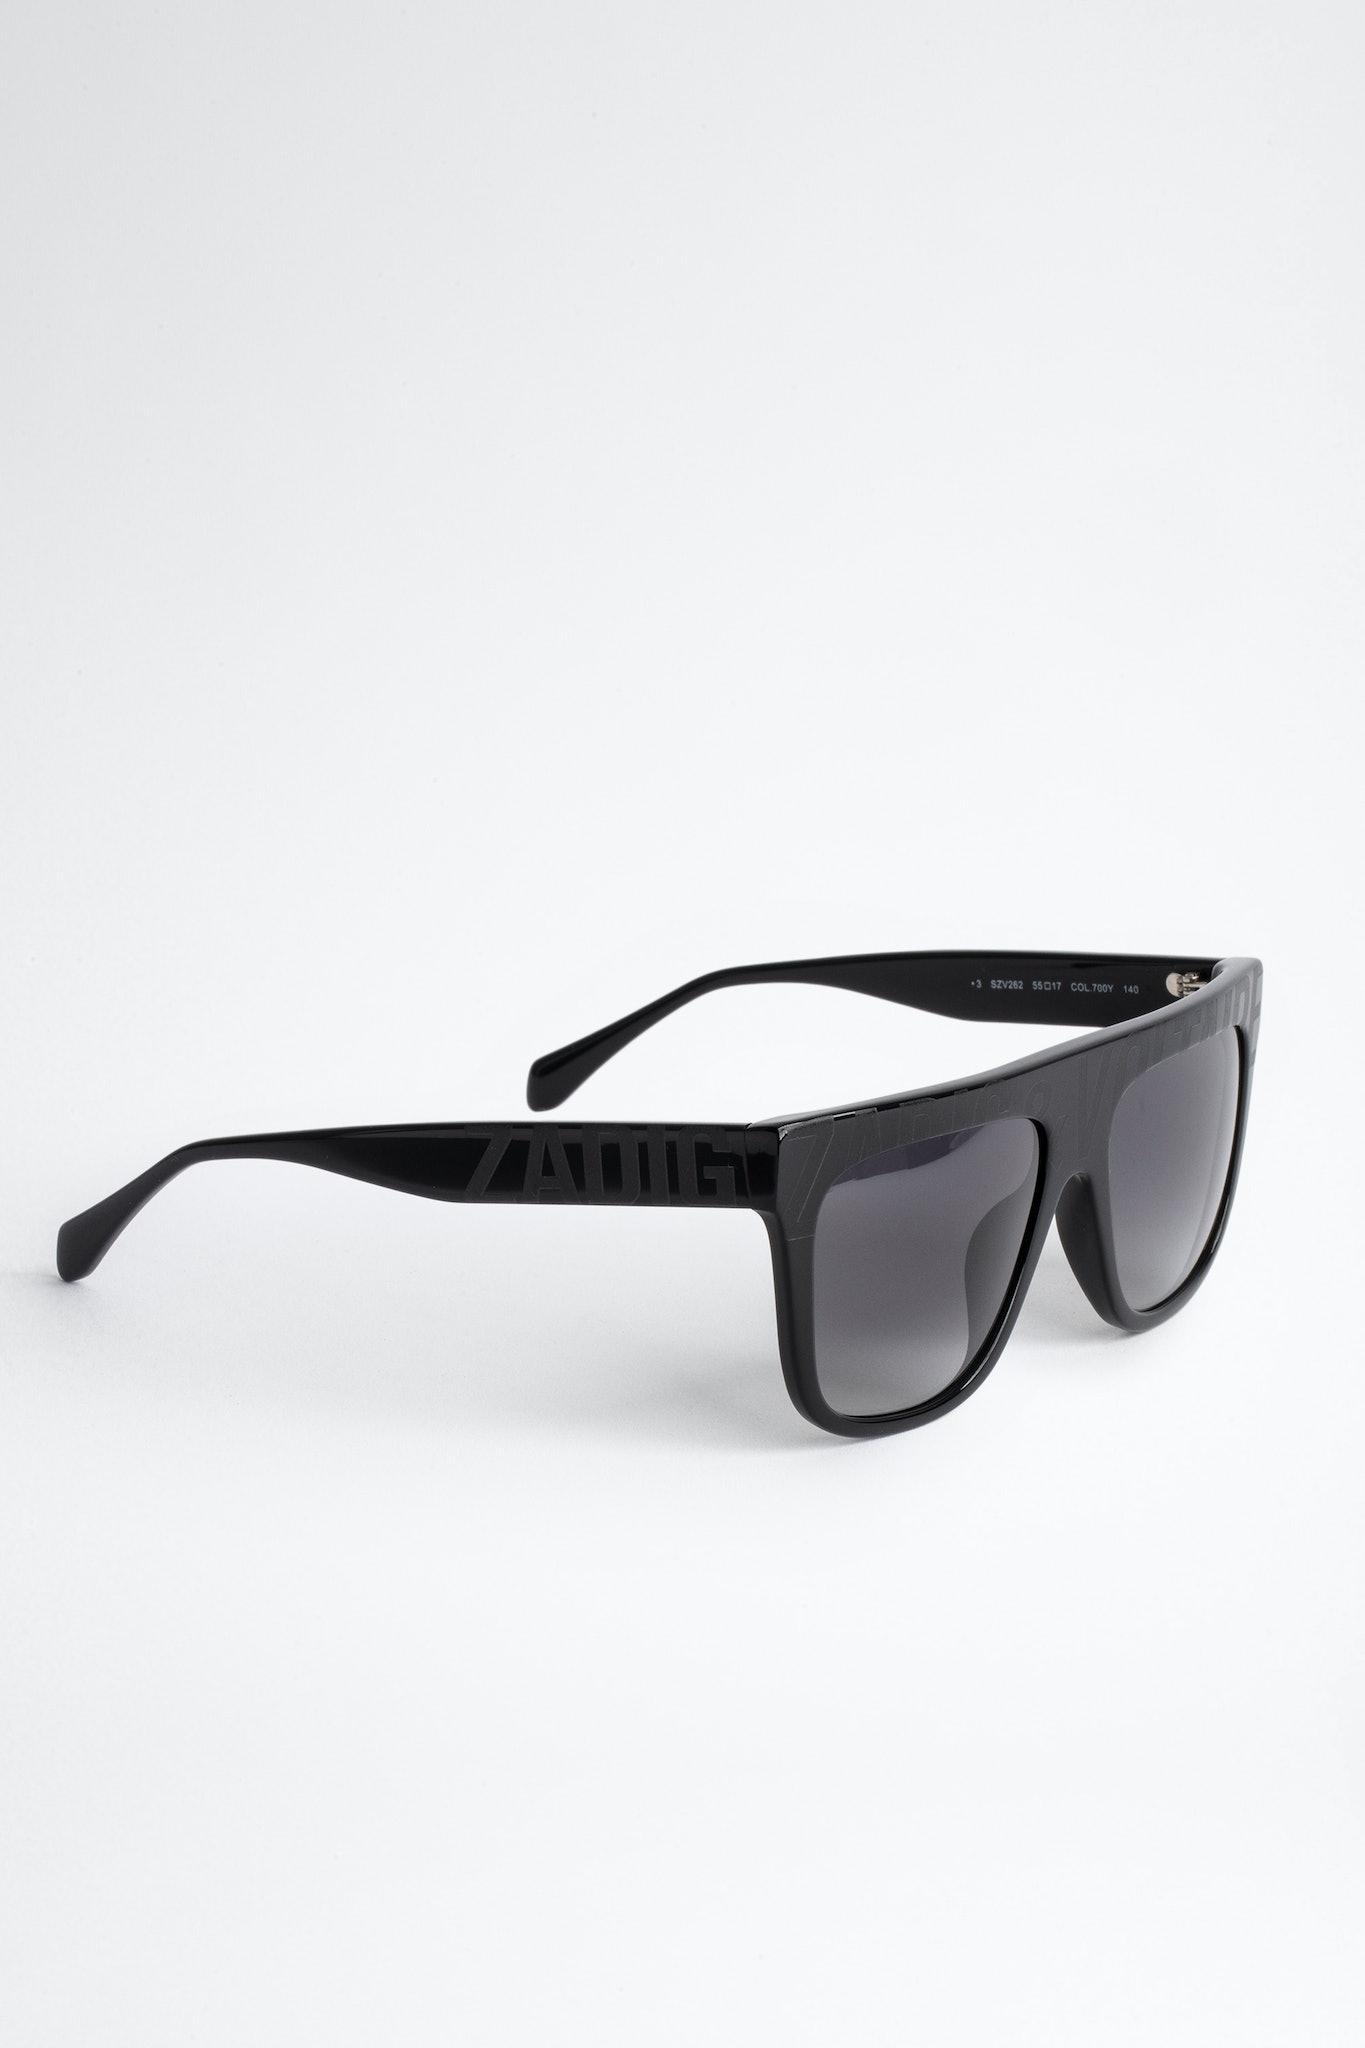 SZV262 Glasses